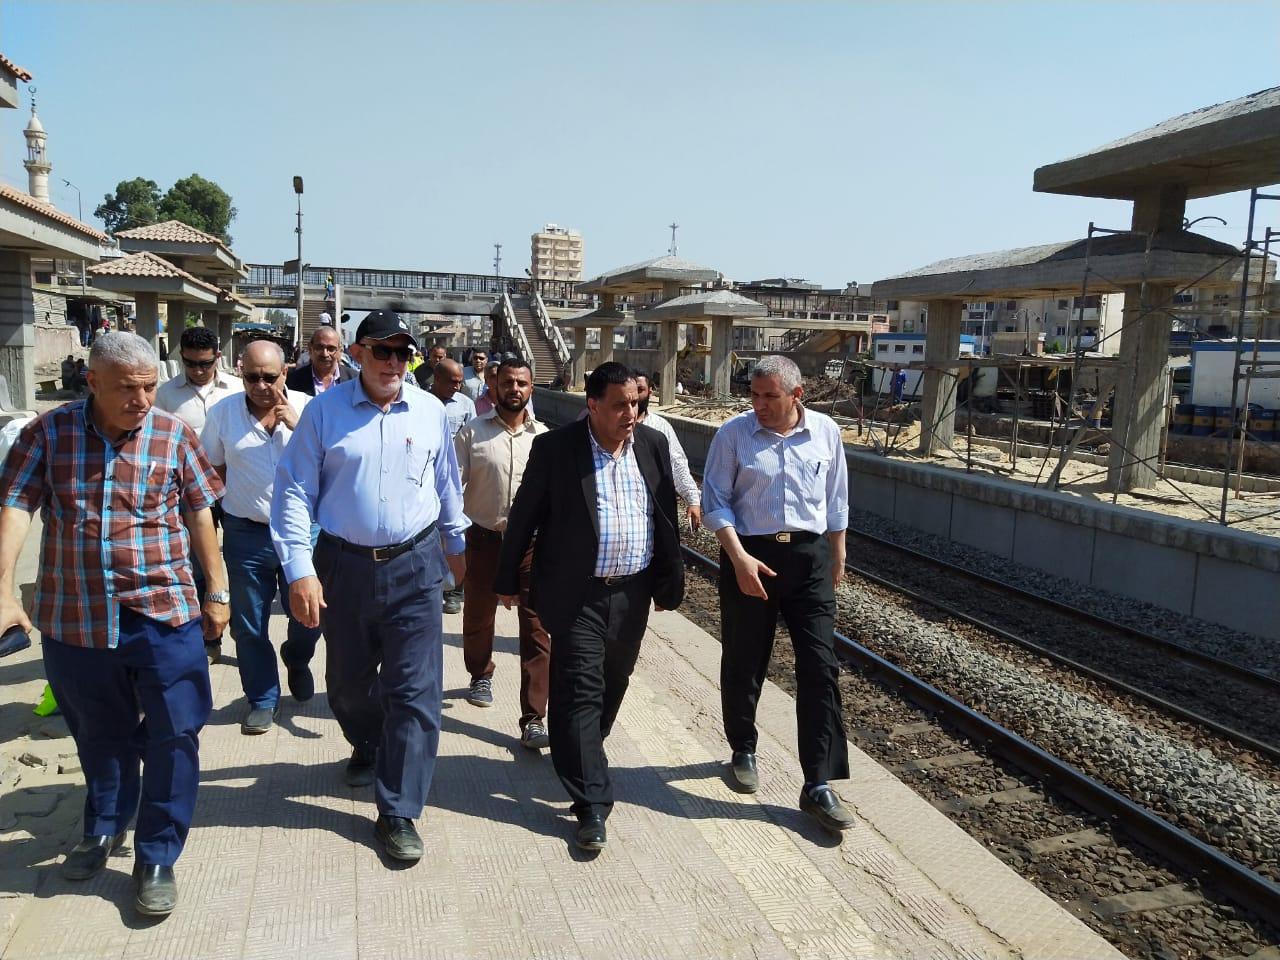 صور | رئيس هيئة السكة الحديد يقوم بجولة تفقدية بمنطقتي وسط وغرب الدلتا